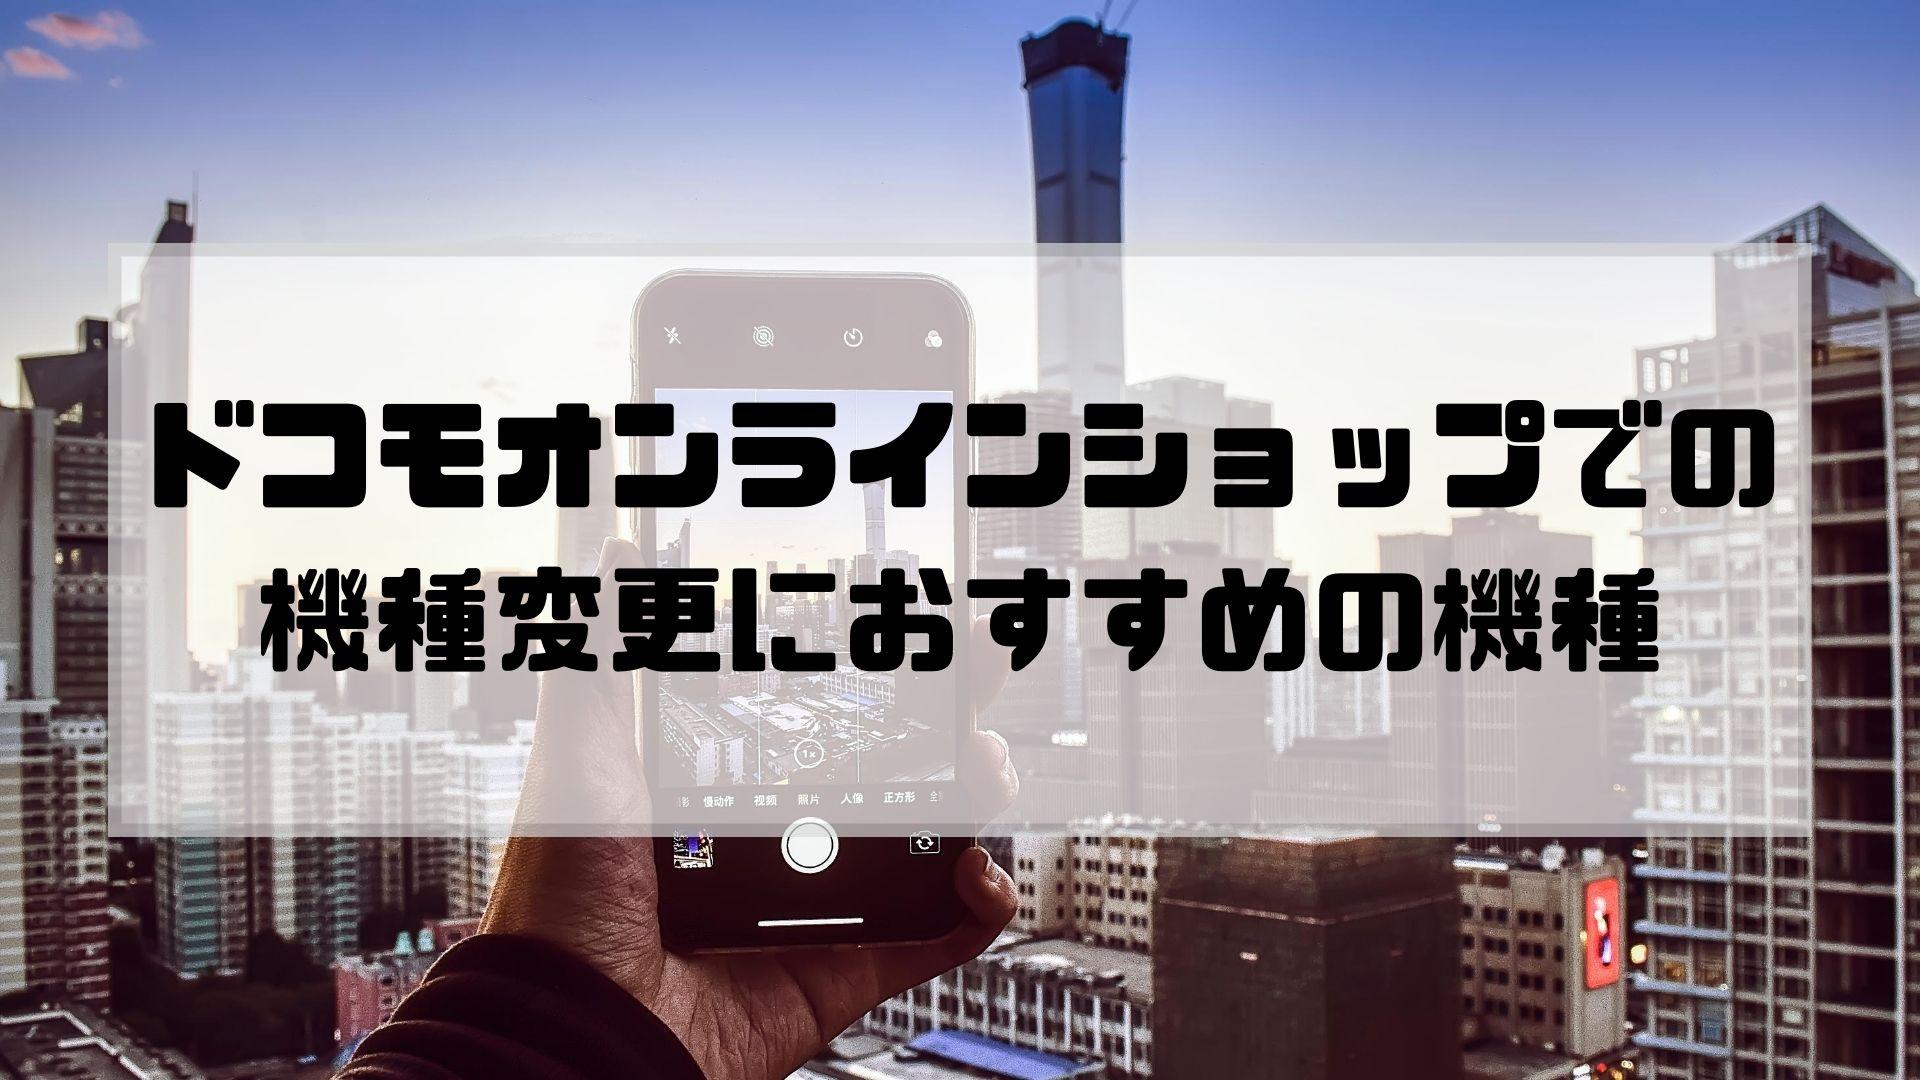 ドコモオンラインショップ_機種変更_流れ_おすすめ_機種_Android